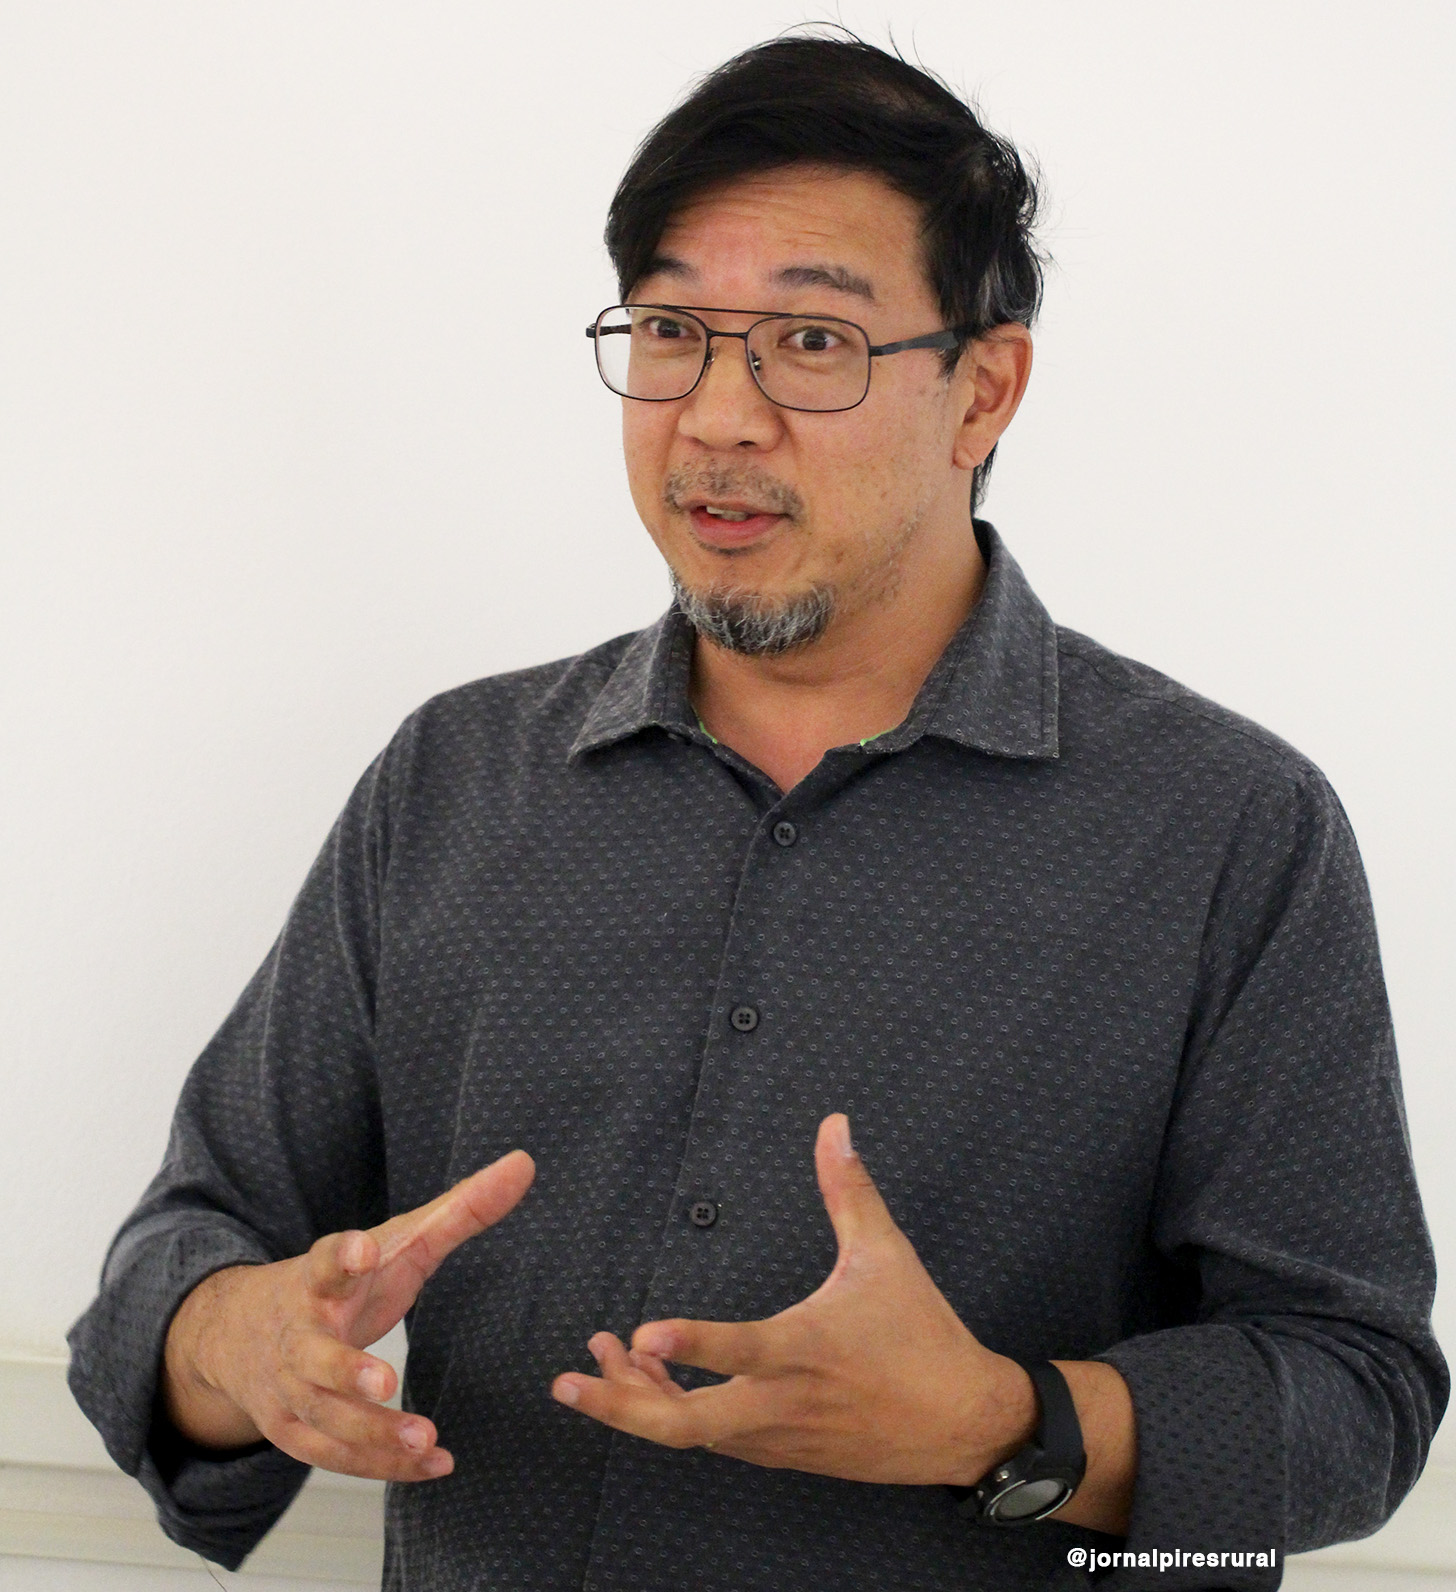 Ricardo Ojima, mestre em Sociologia (Unicamp, 2003), desde agosto de 2011 é professor, em Demografia, da Universidade Federal do Rio Grande do Norte (UFRN)